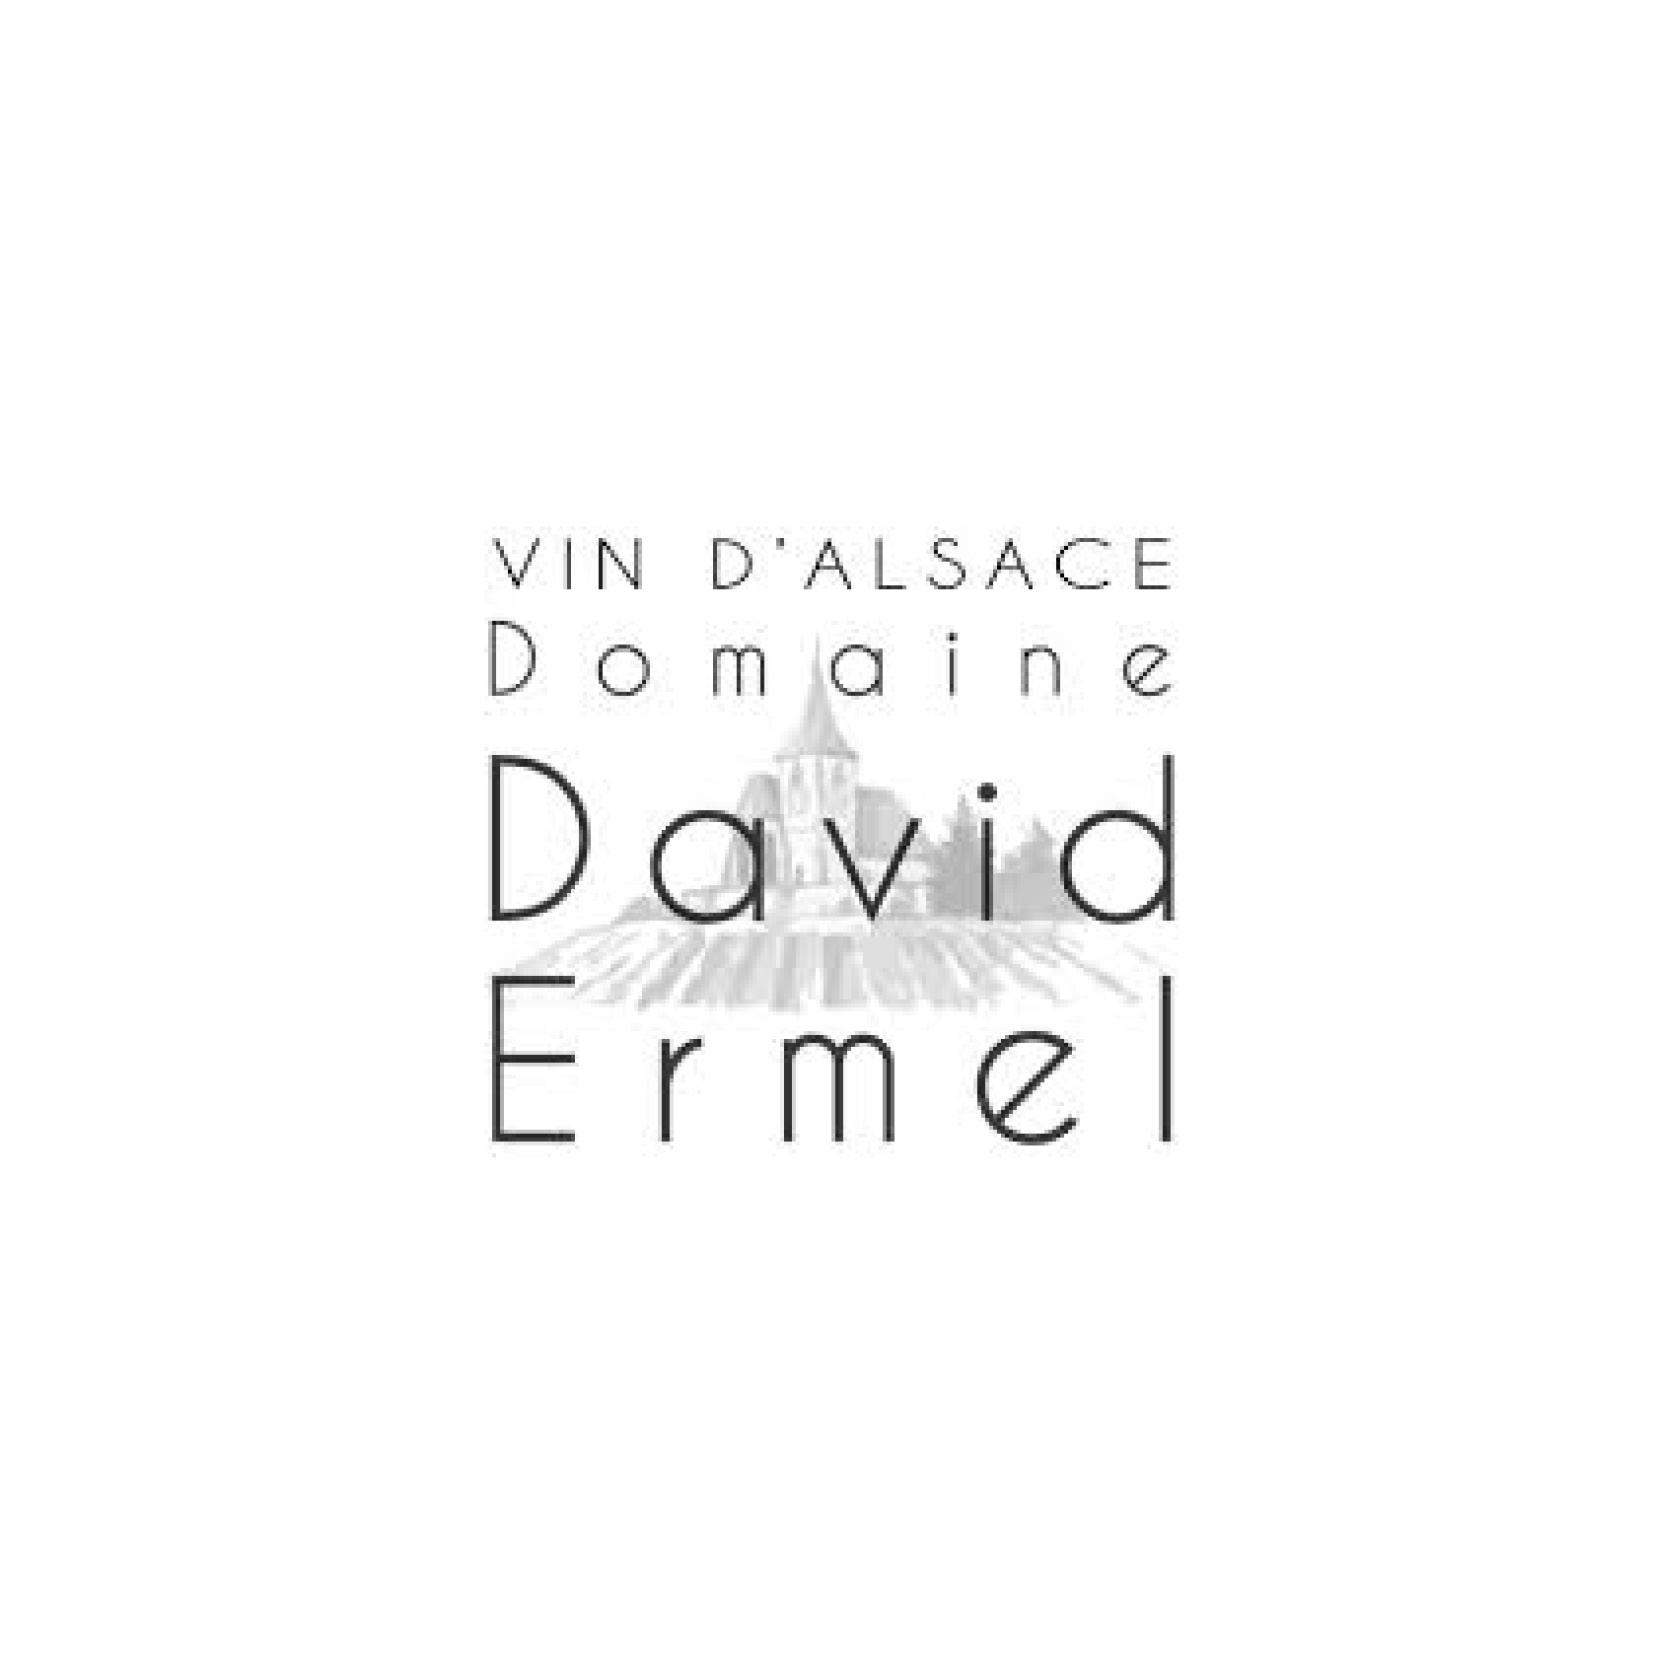 David Ermel